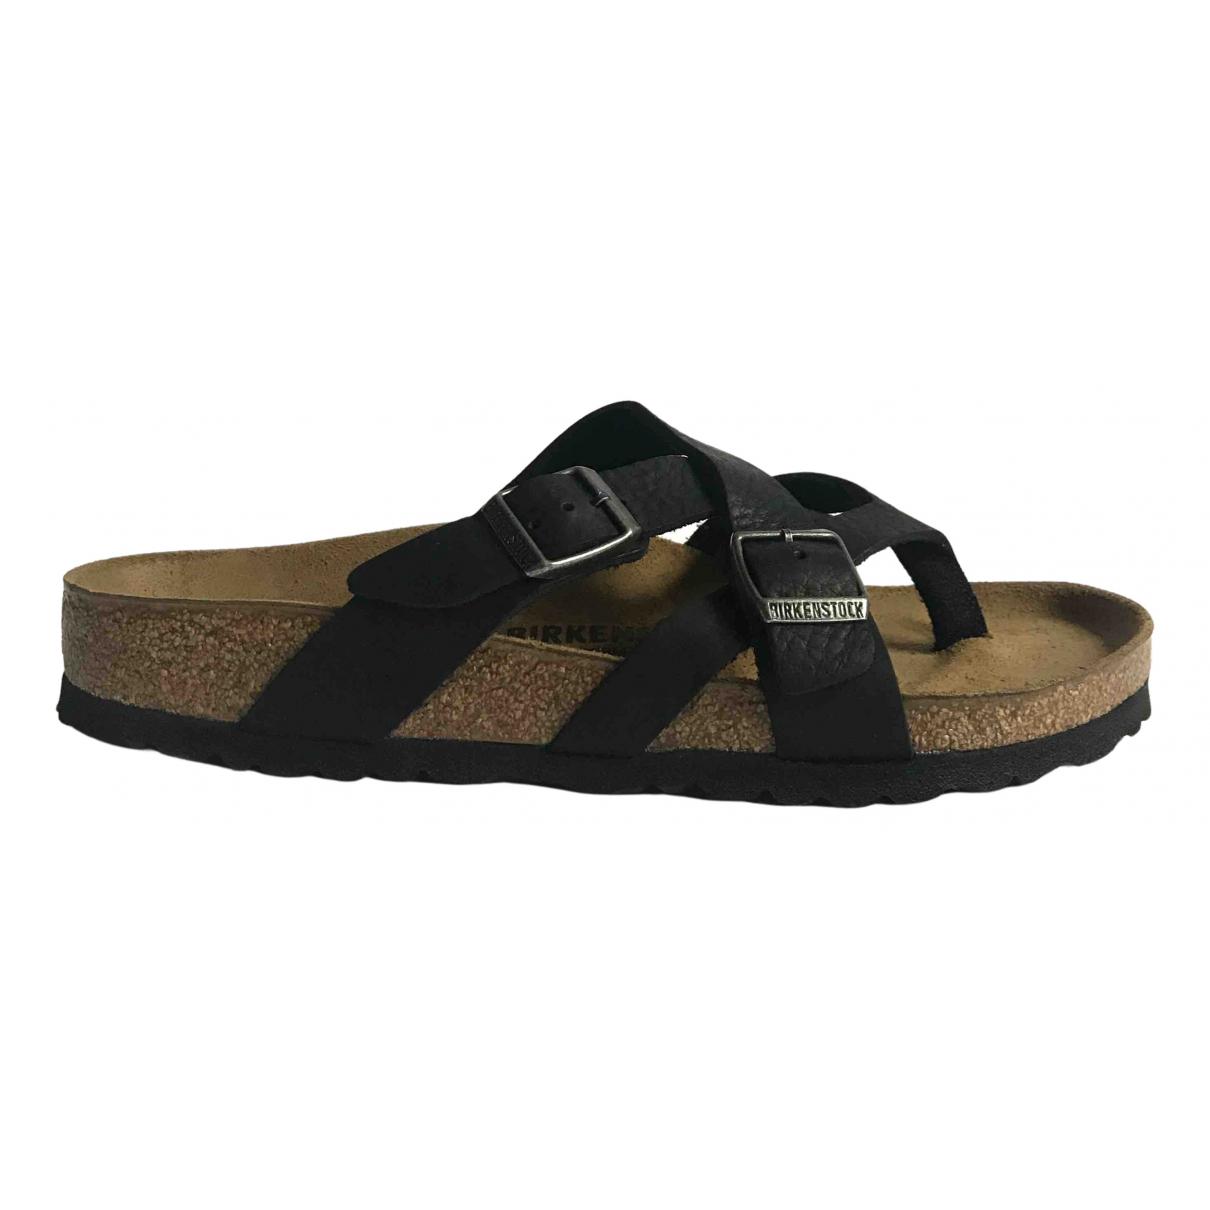 Birkenstock - Sandales   pour femme en cuir - noir